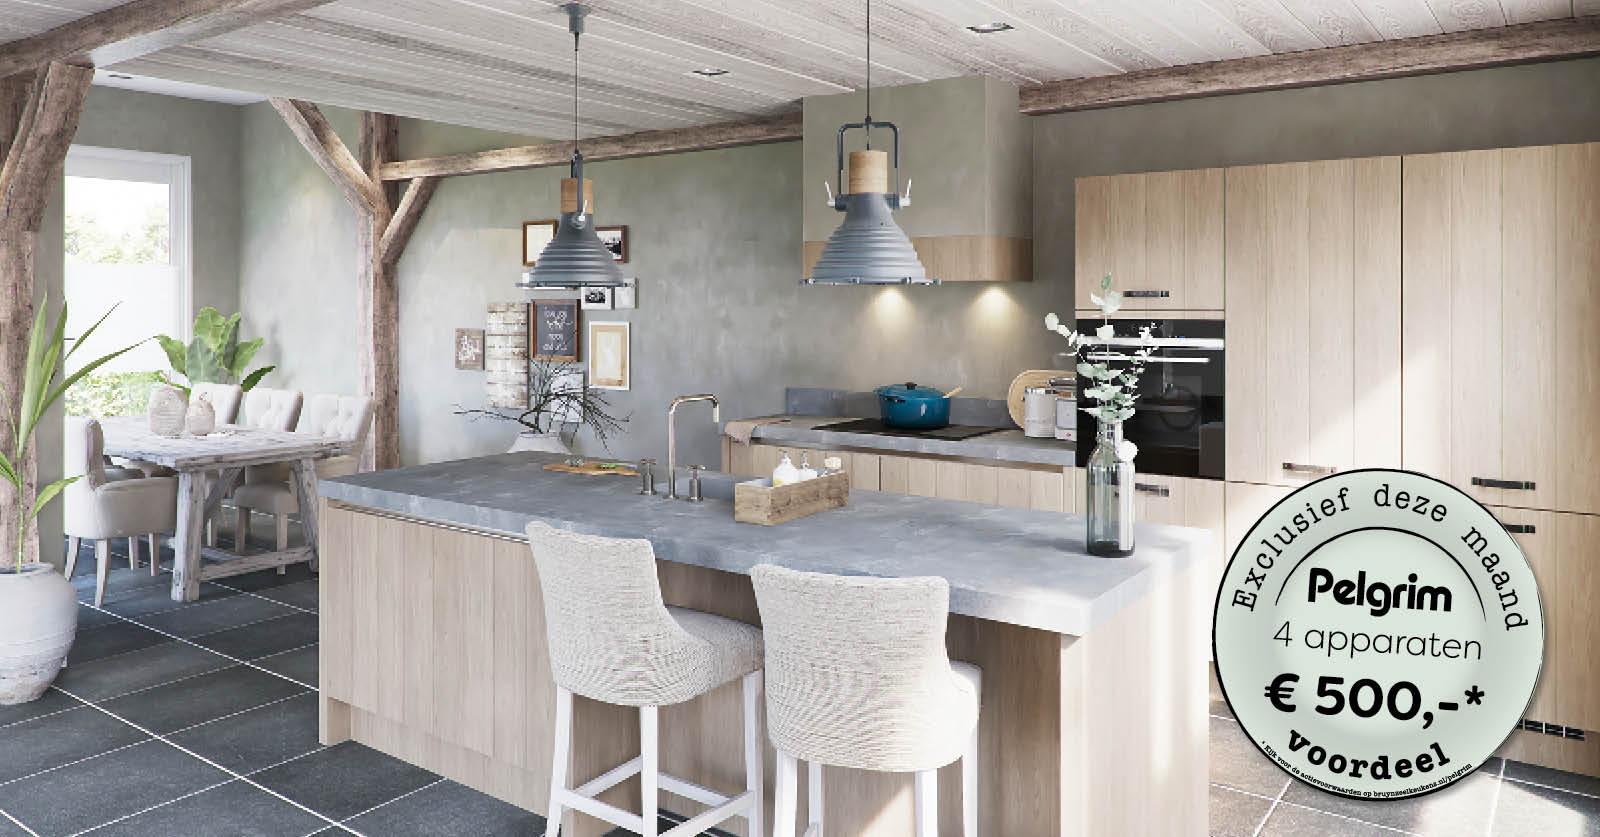 Budget Keukens Sliedrecht : Exclusief voordeel pelgrim apparatuur bruynzeelkeukens